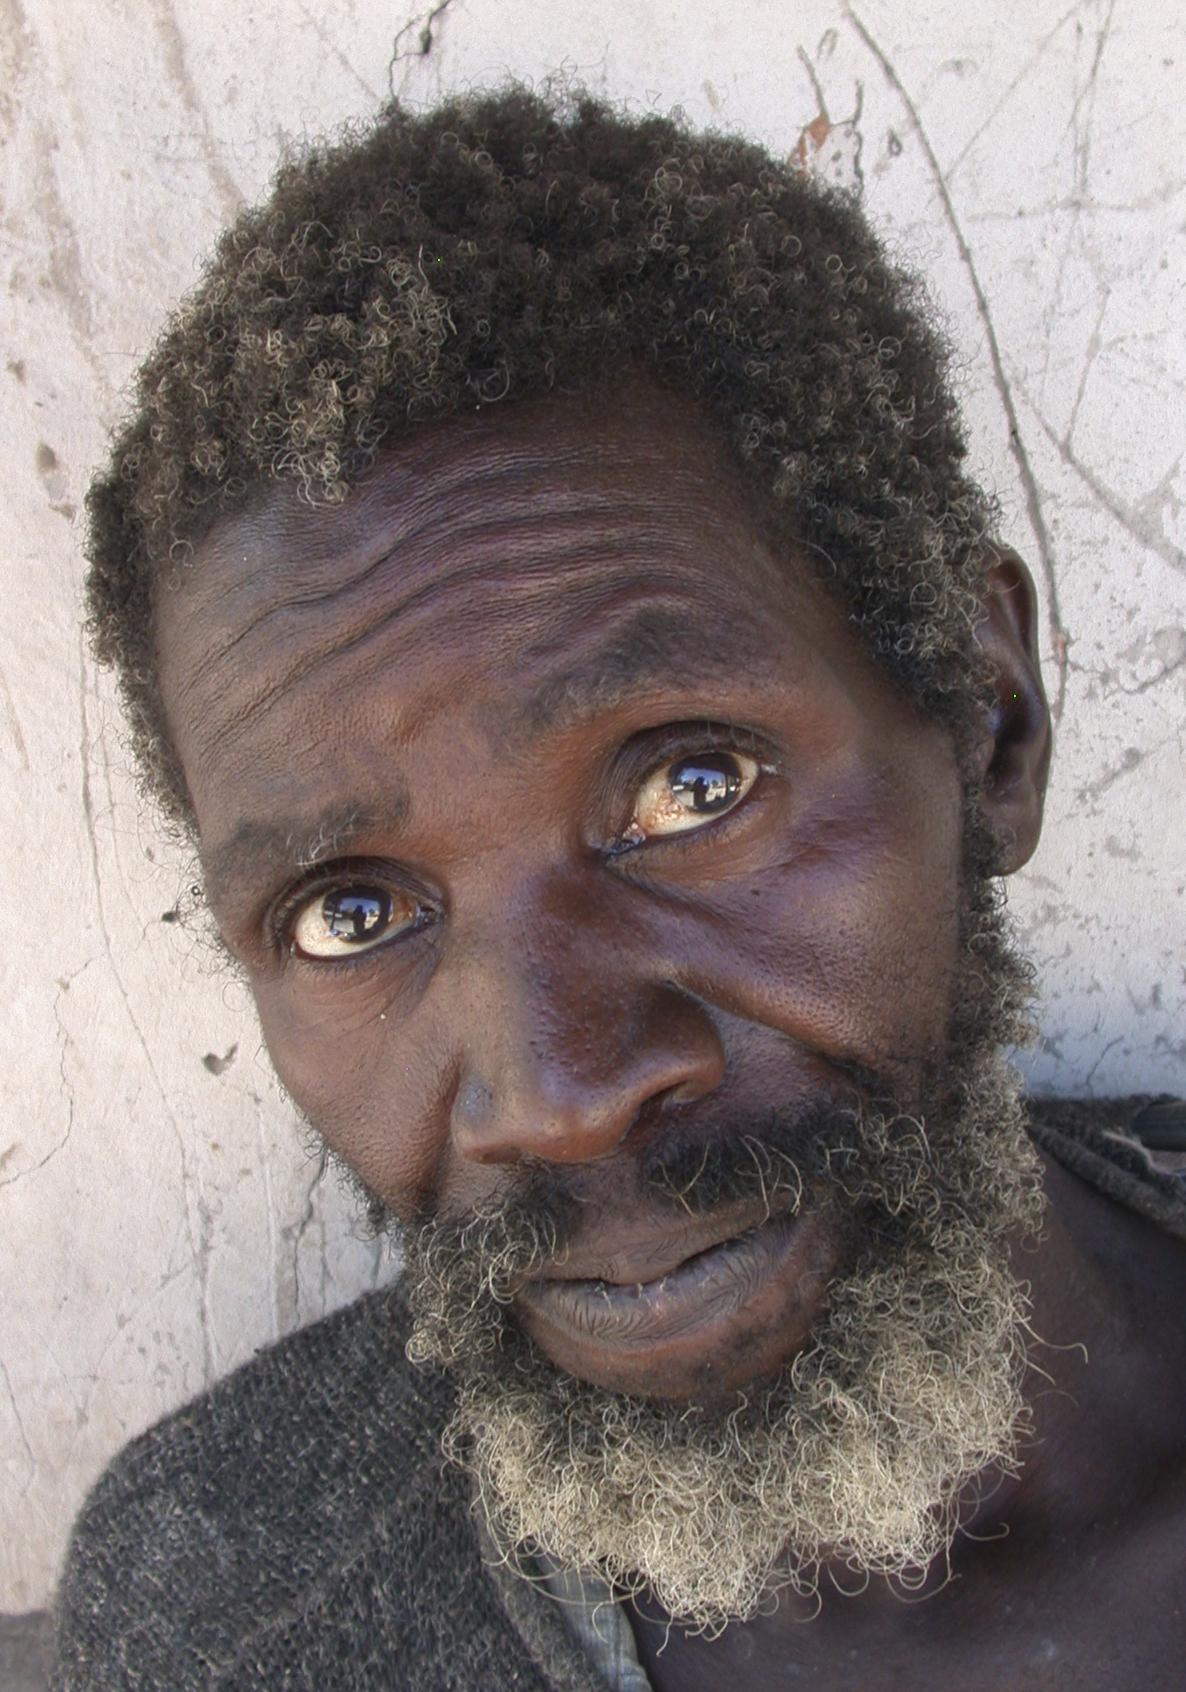 Lozi man 1 (Zambia 2005)